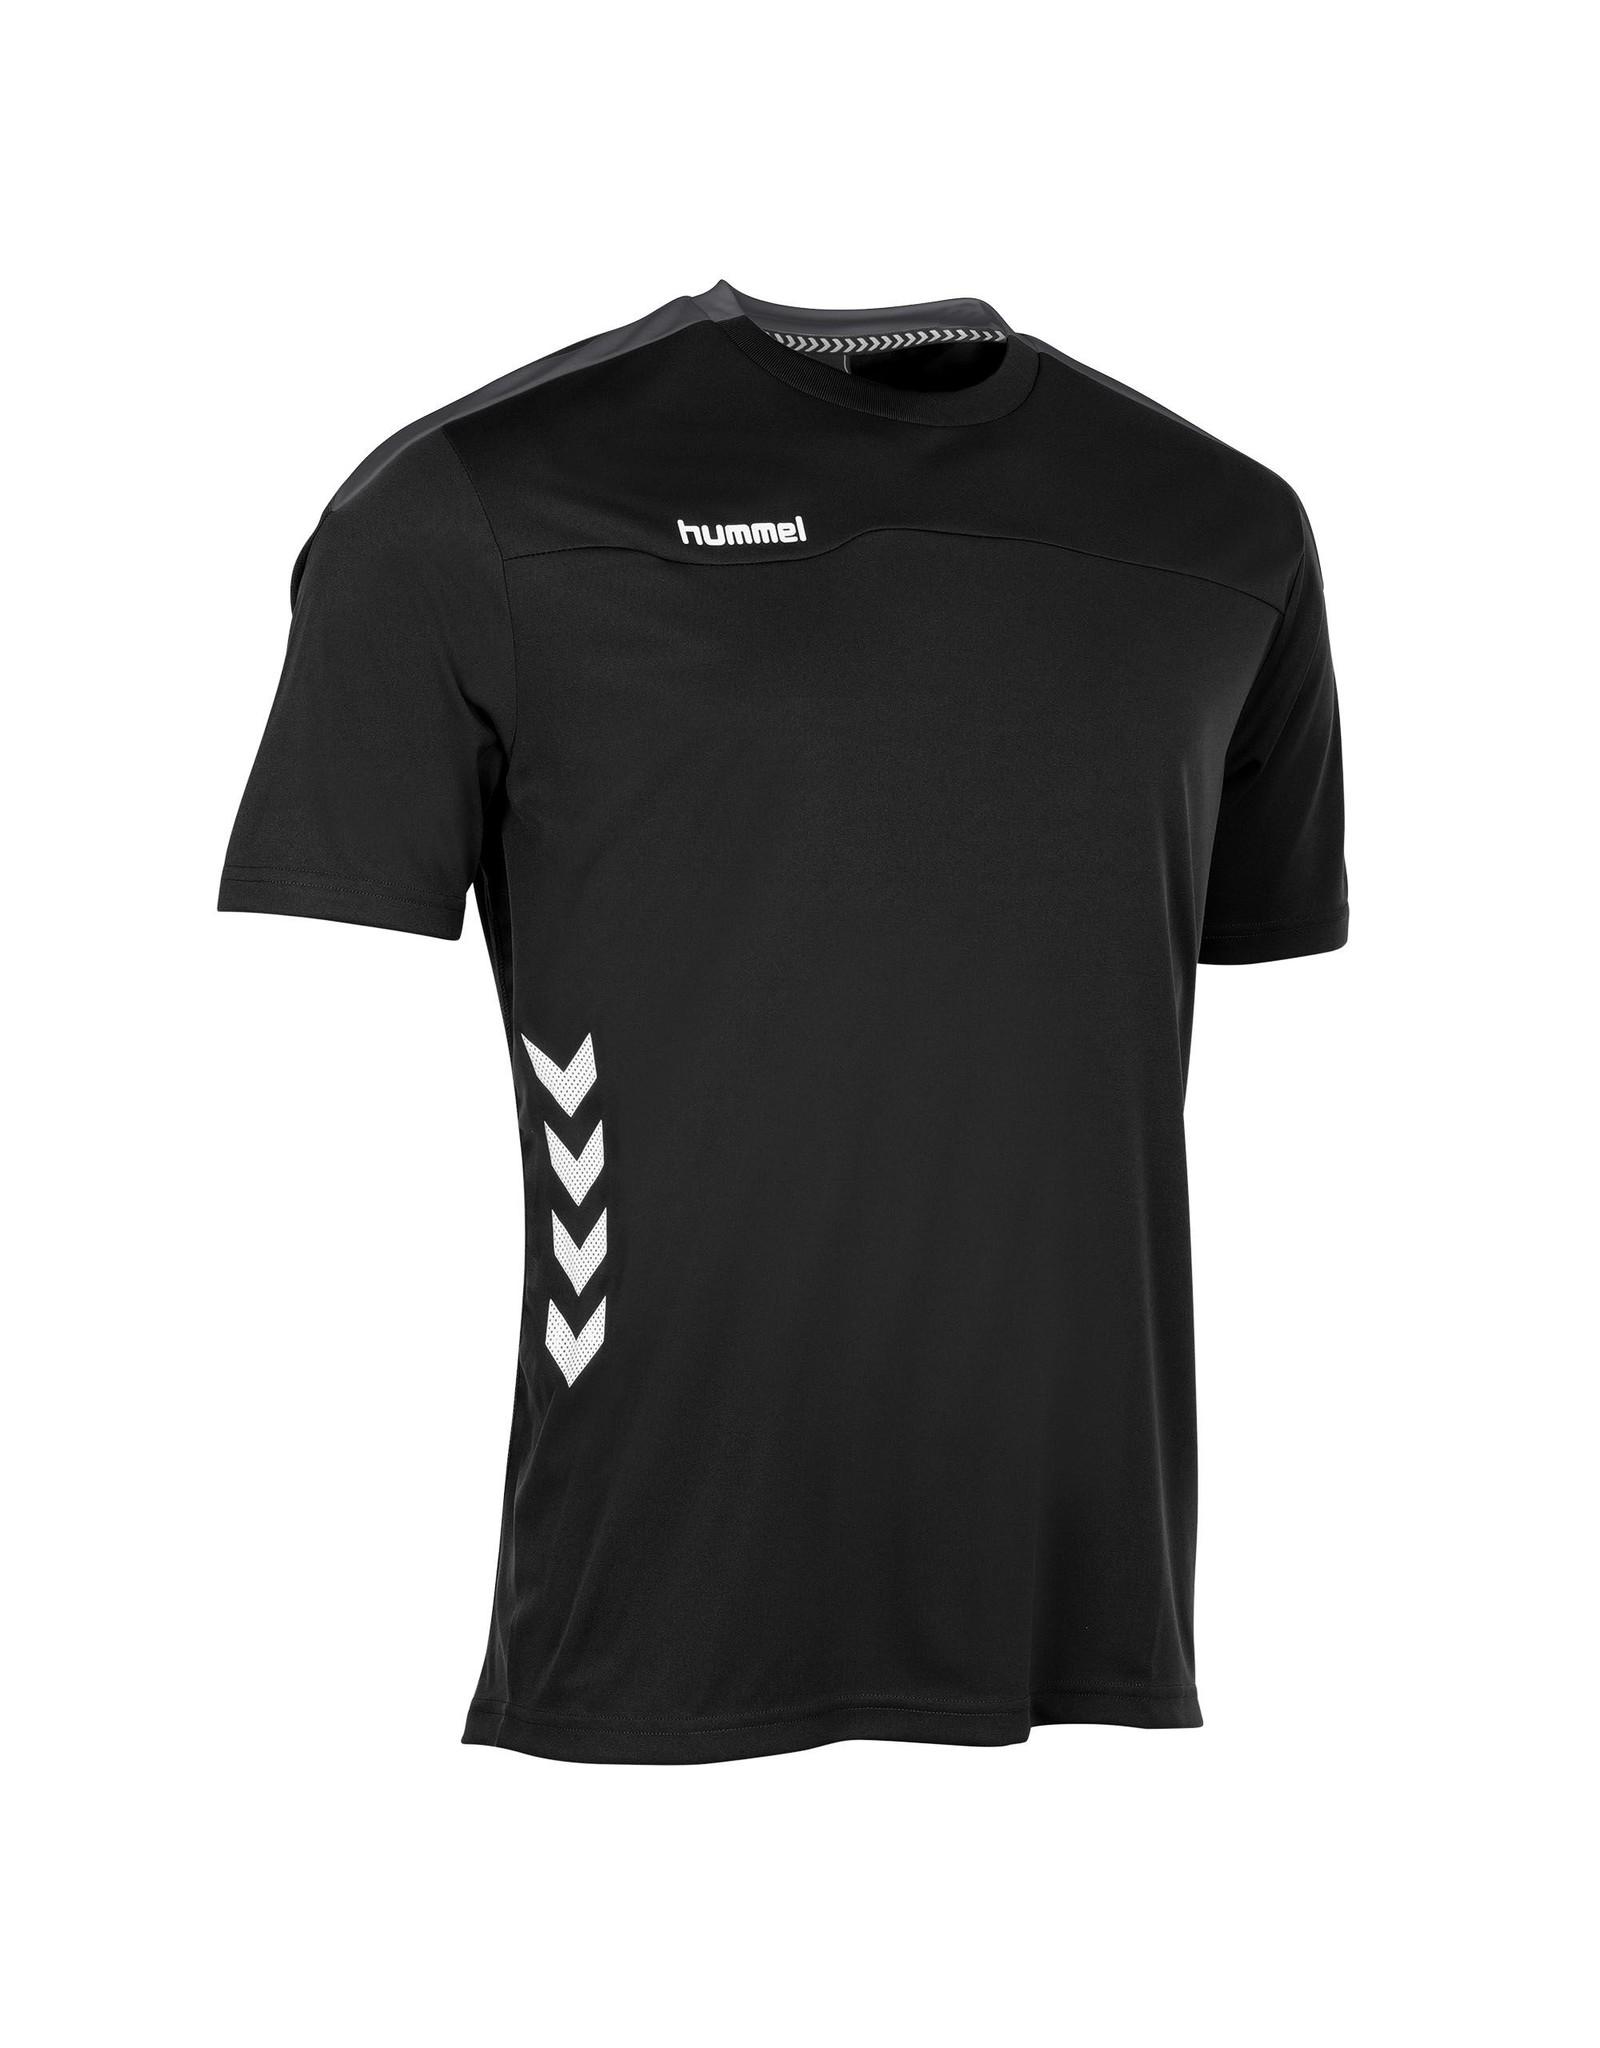 Hummel SHH Herten T-Shirt